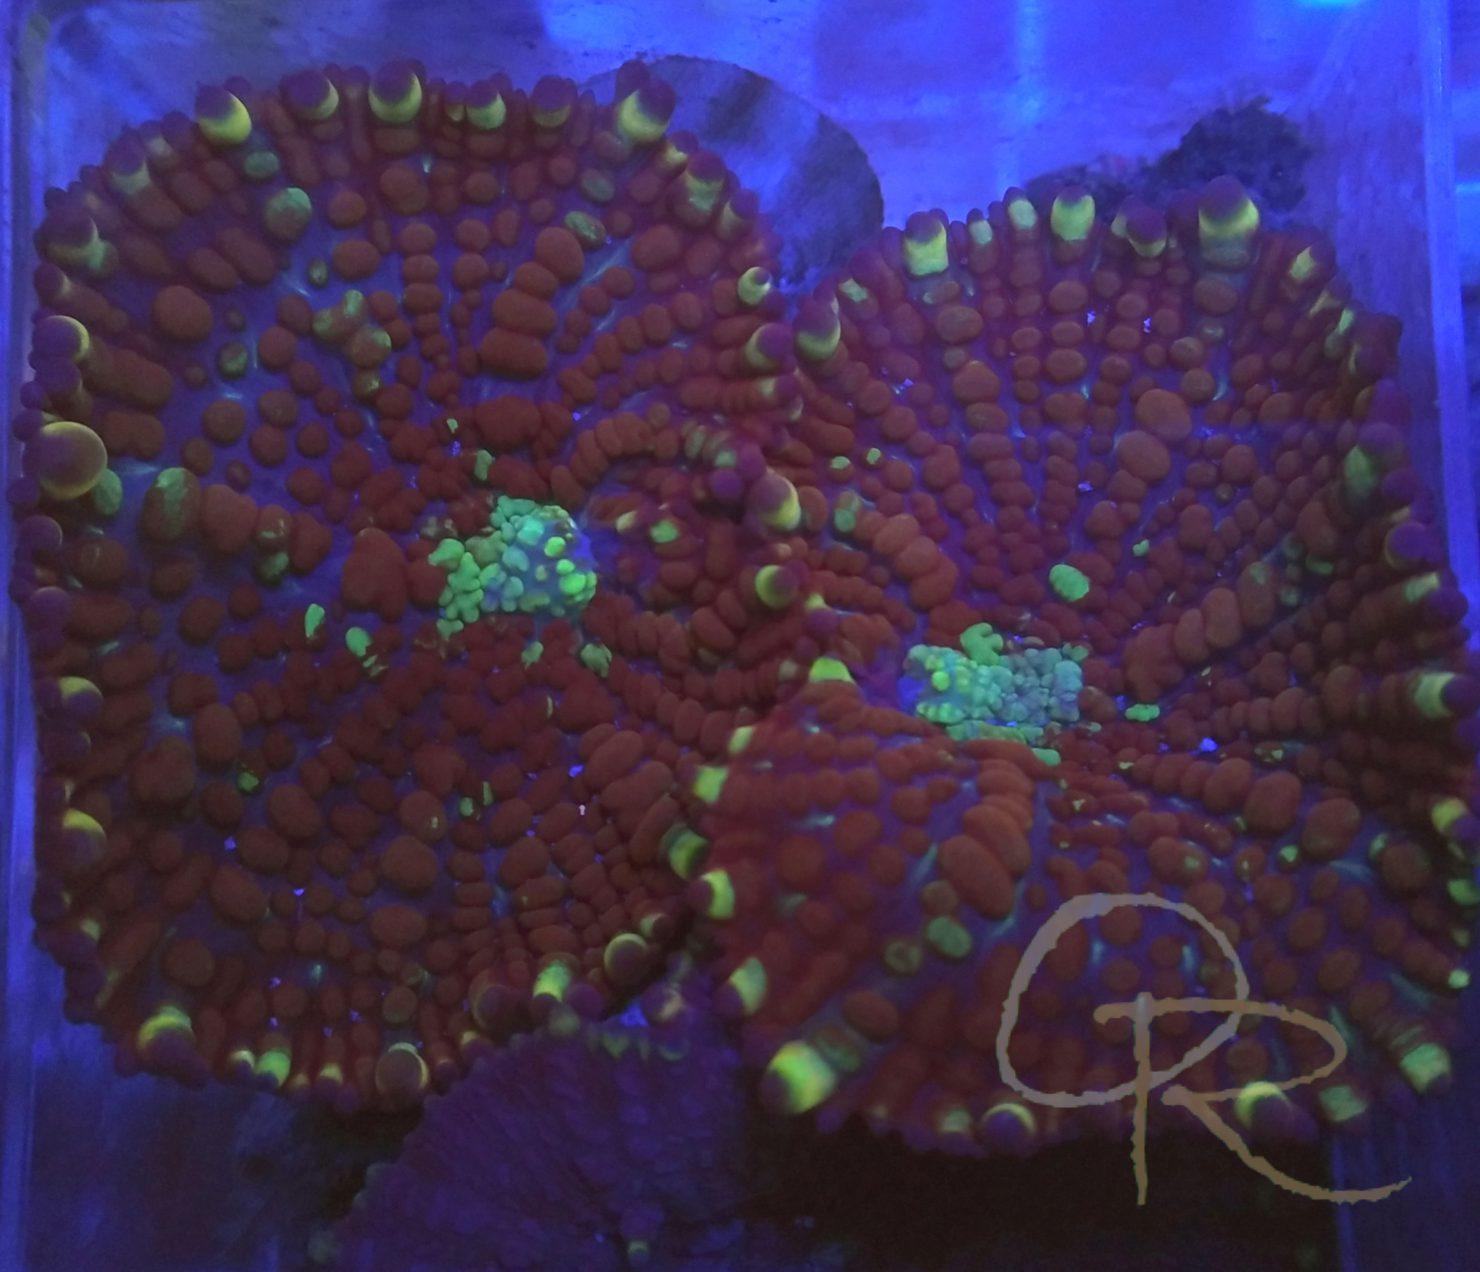 Bullseye Mushroom – Red & Green